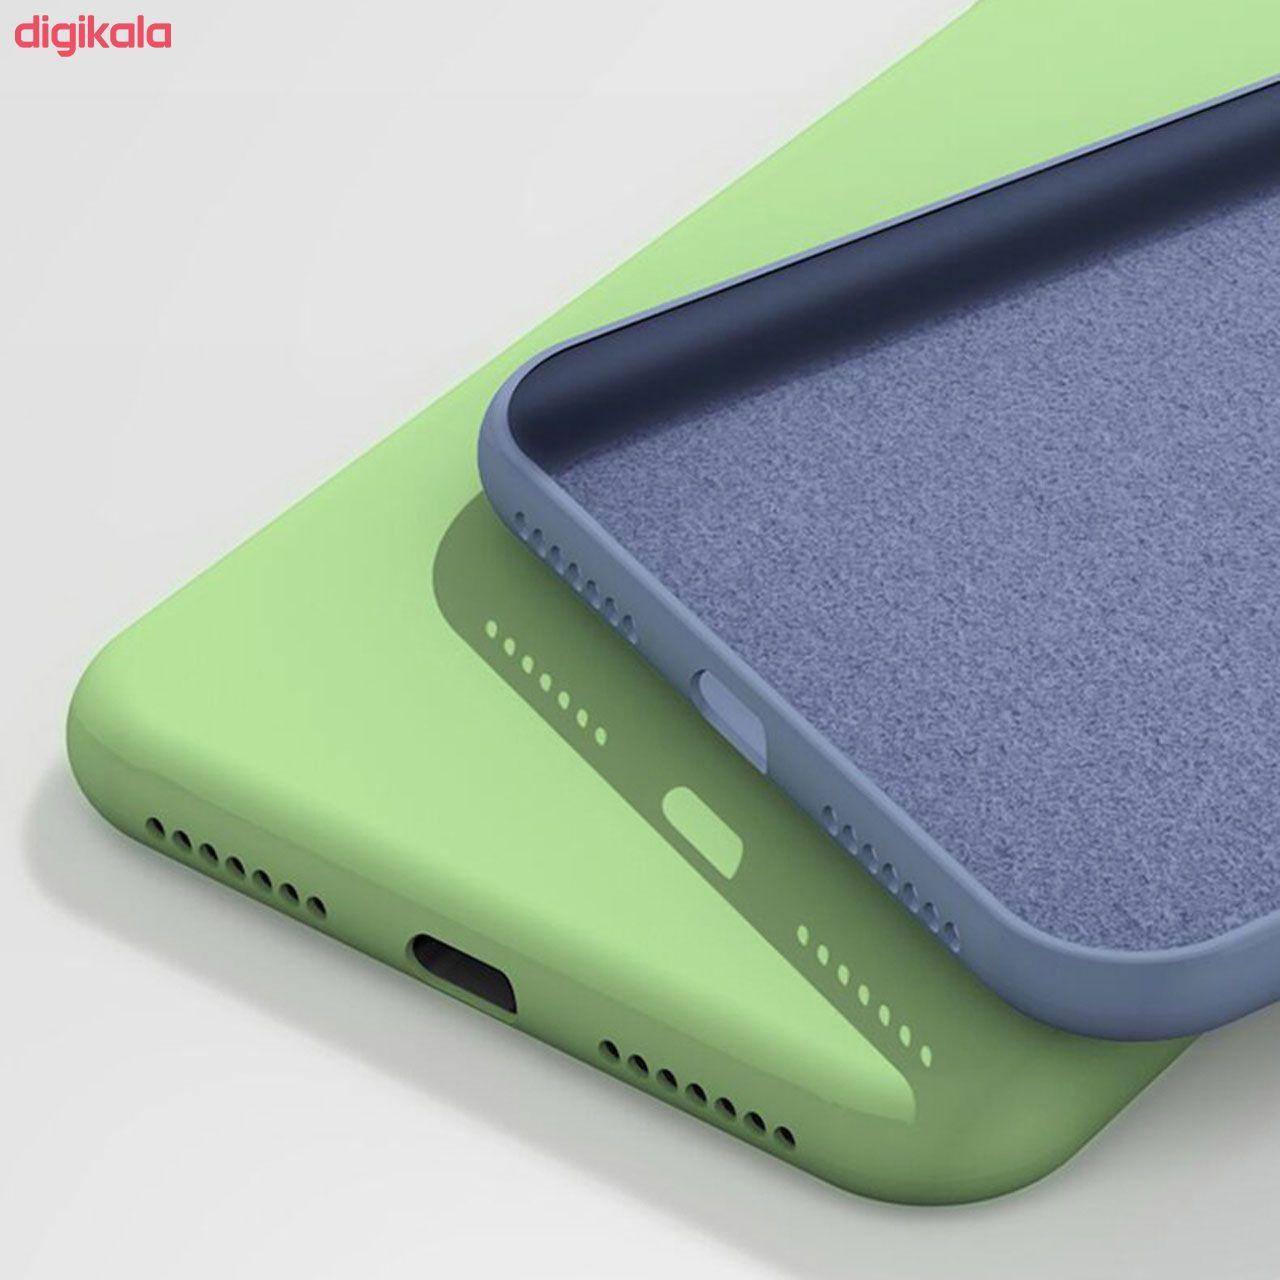 کاور مدل SLCN1 مناسب برای گوشی موبایل شیائومی Redmi 9 / Redmi 9 Prime main 1 2